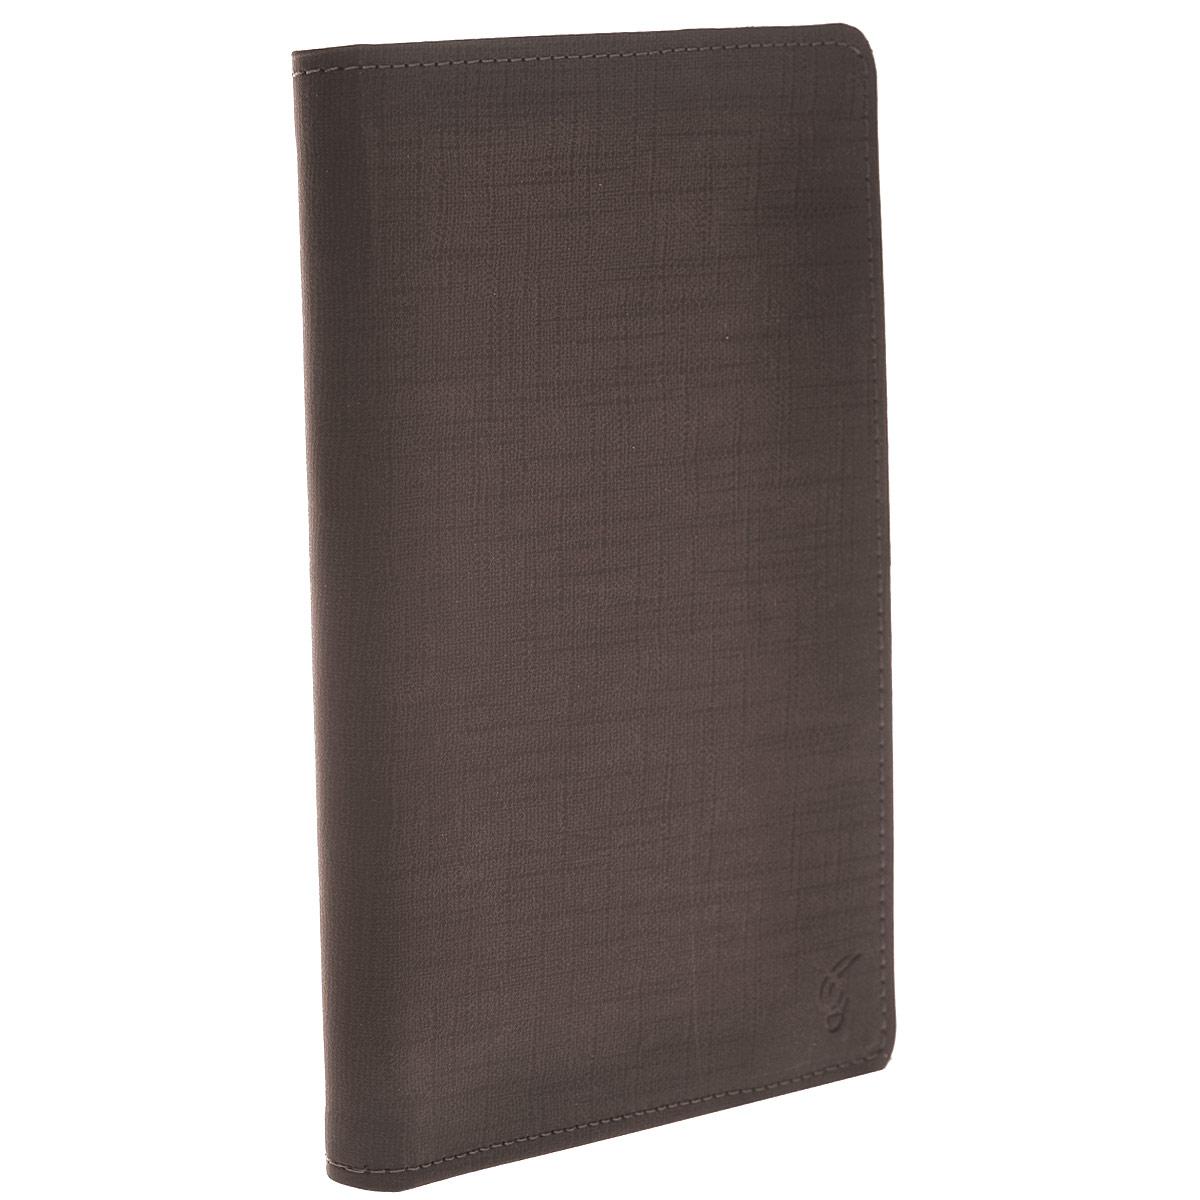 Viva Chocolate чехол для планшетов 7+, Brown (VUC-CCH07P-br)VUC-CCH07P-brЧехол Viva Chocolate для планшетов 7+ предназначен для защиты электронных устройств от механических повреждений и влаги. Крепление PVS позволяет надежно зафиксировать ваш девайс.